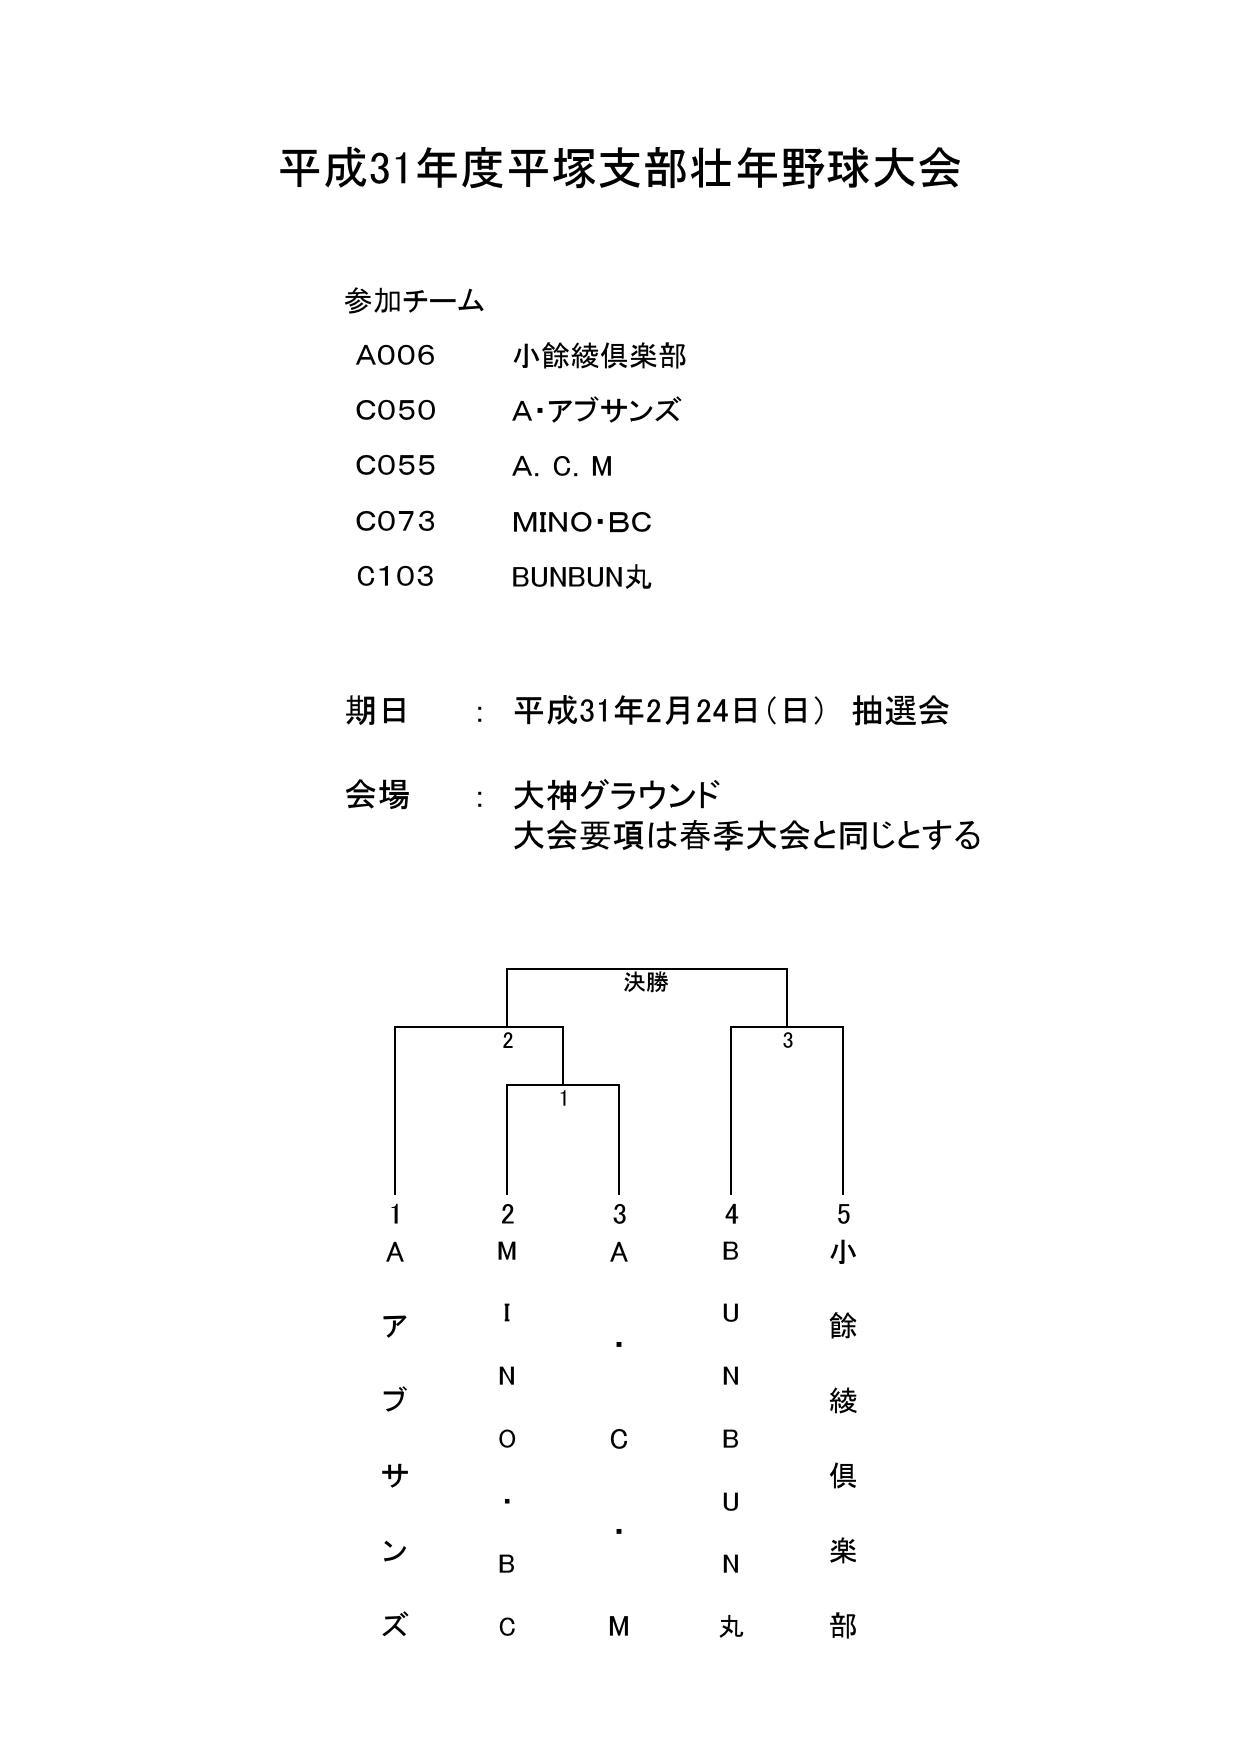 19soutor_000001.jpg